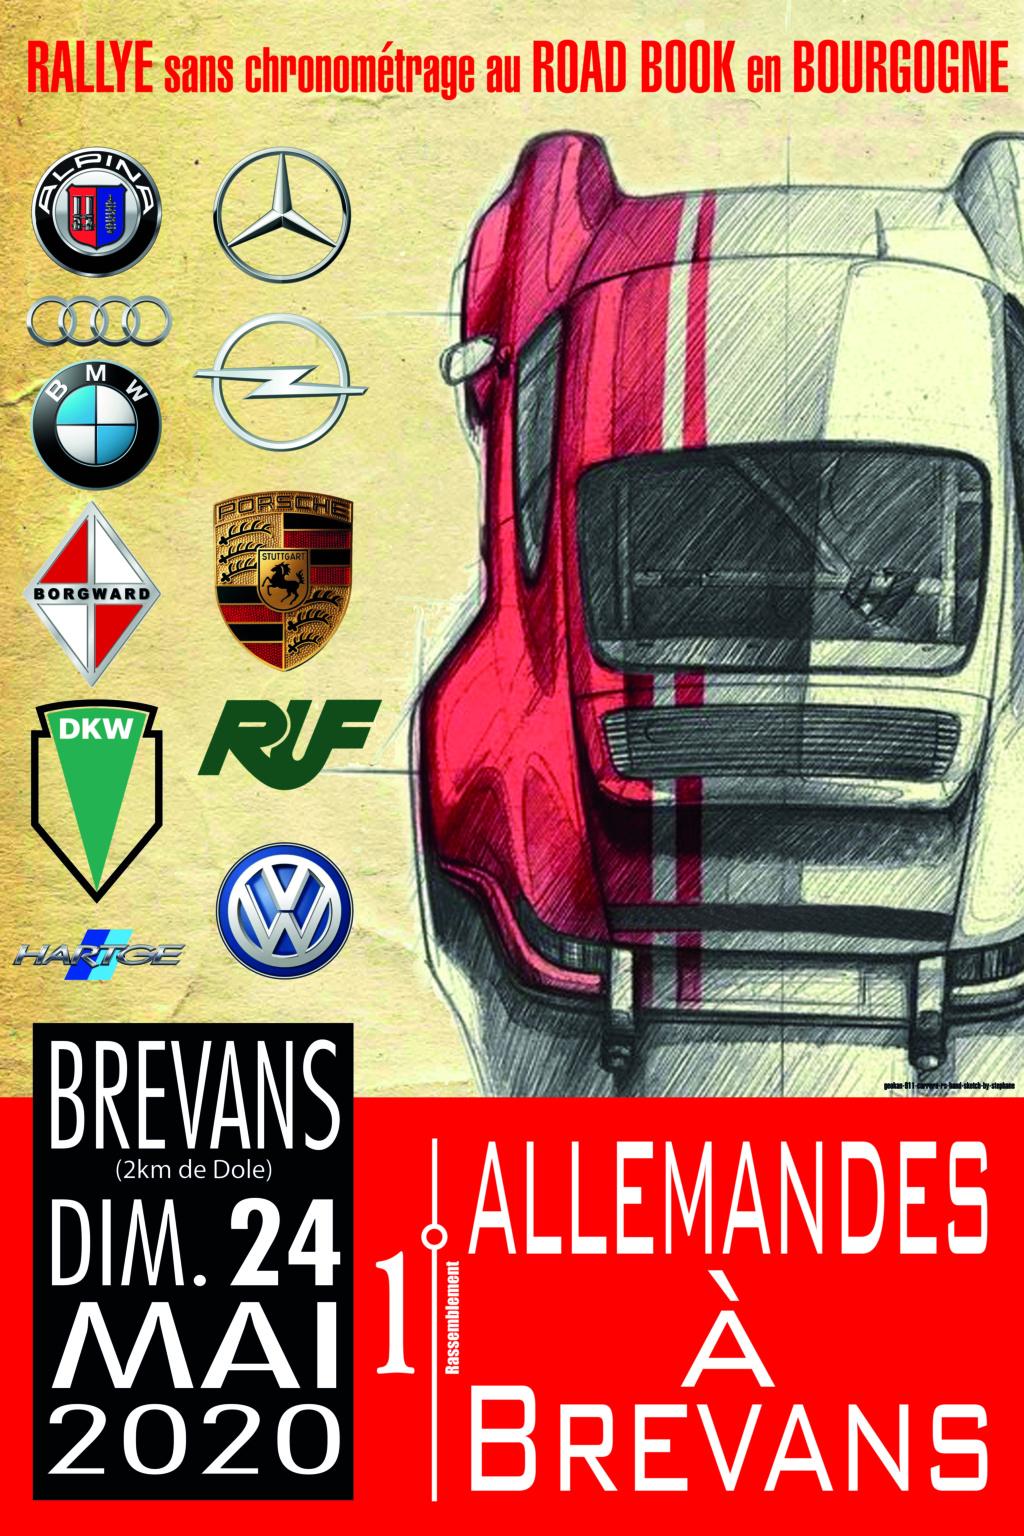 """Rallye """"Les allemandes à Brevans"""" le 24 mai 2020 Affich10"""